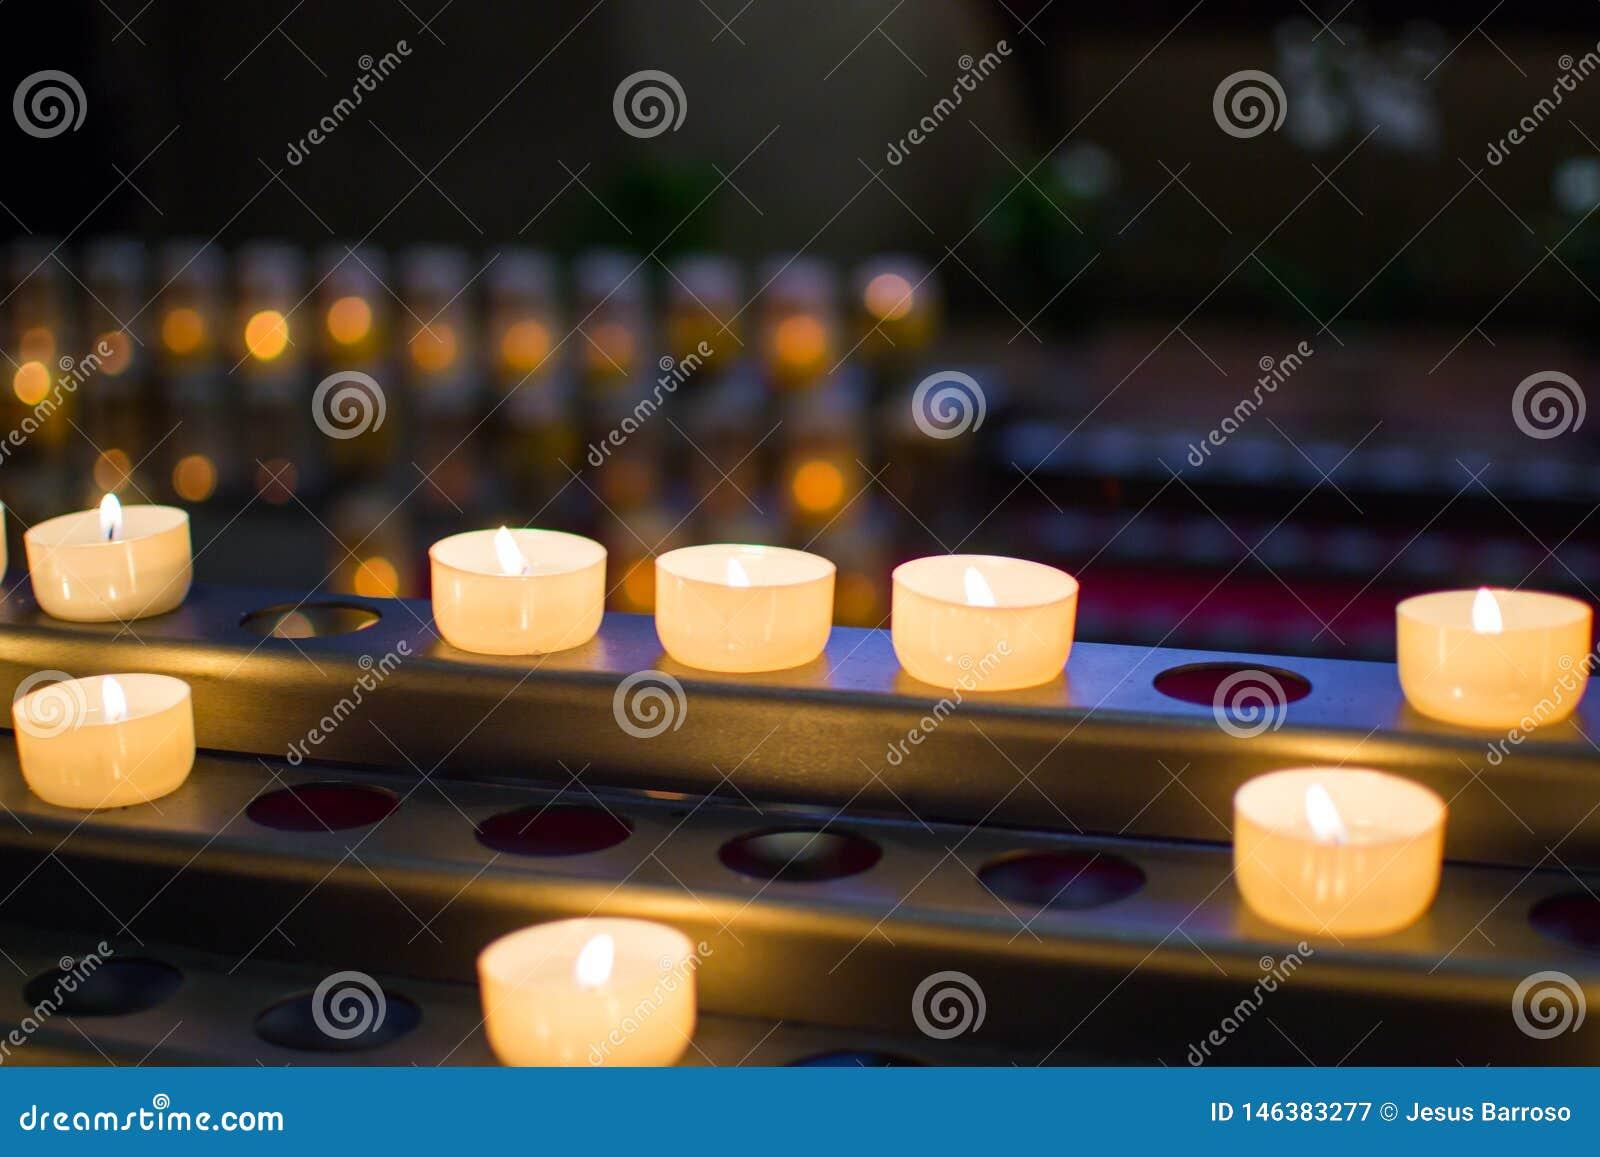 Molte candele brucianti con profondità di campo bassa e fondo defocused